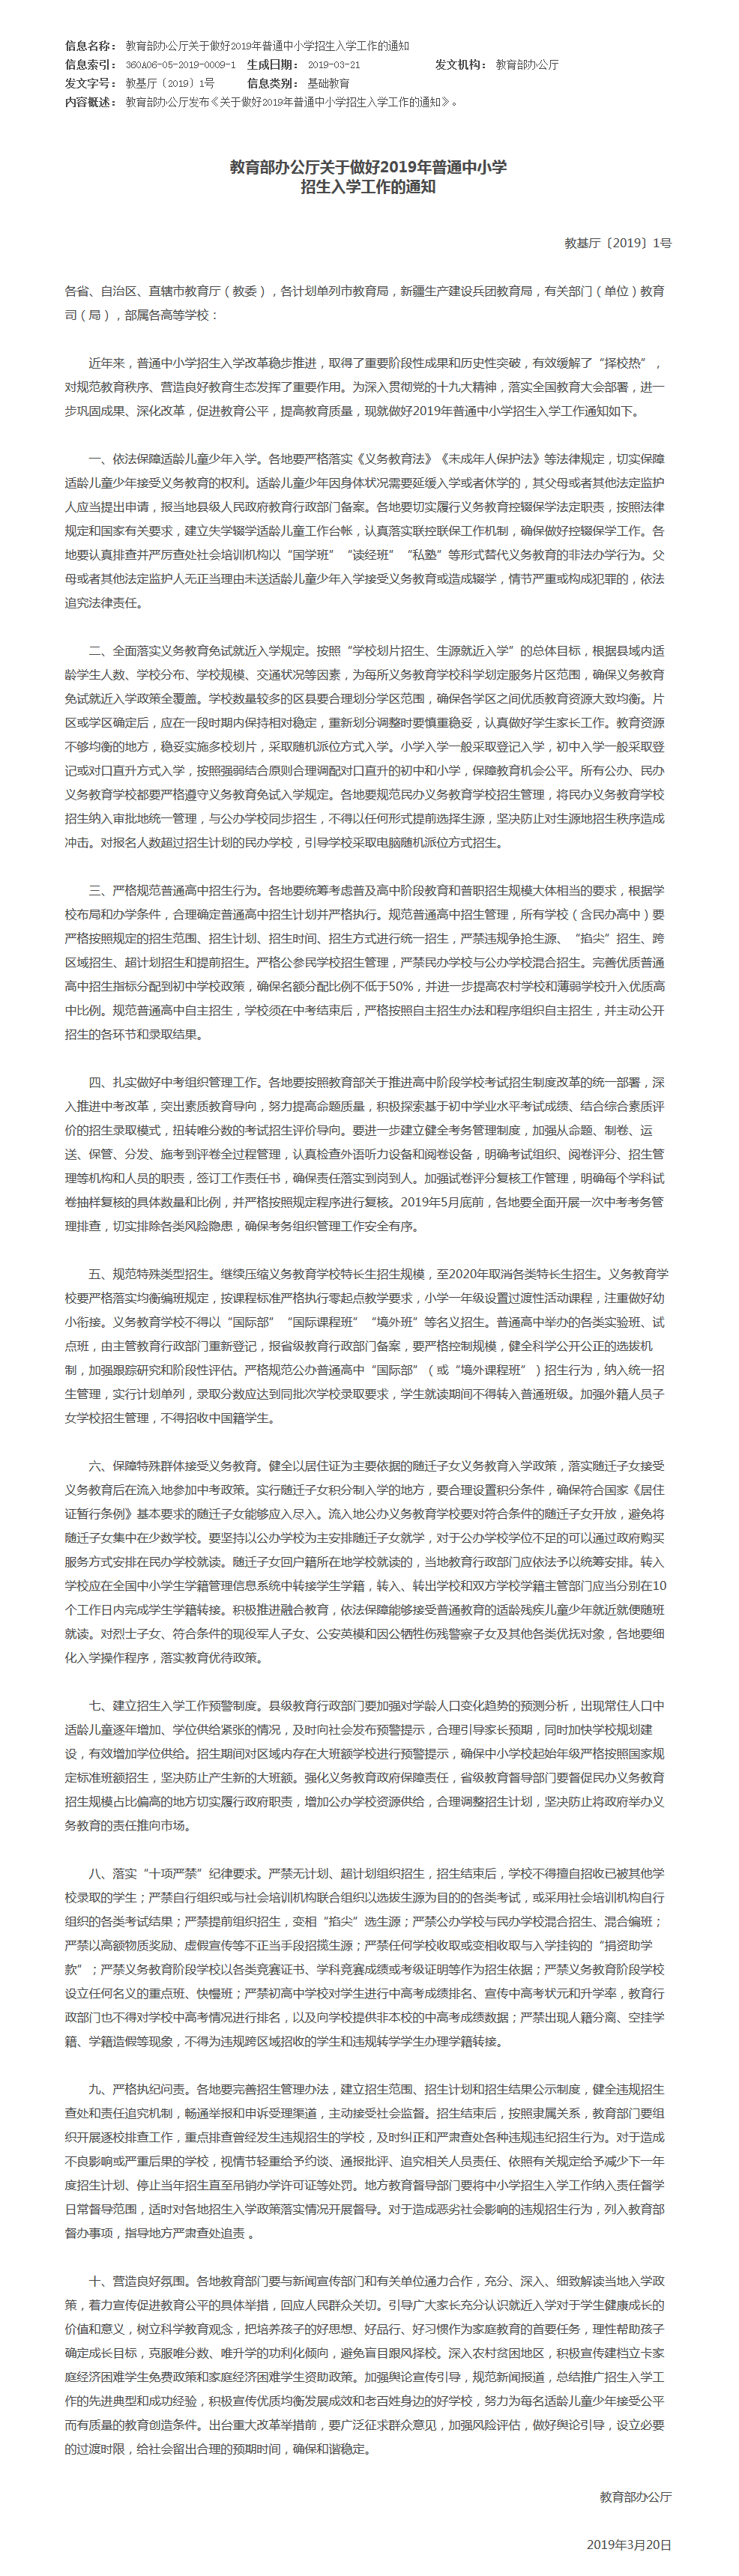 火狐截图_2019-03-27T02-13-17.989Z.png